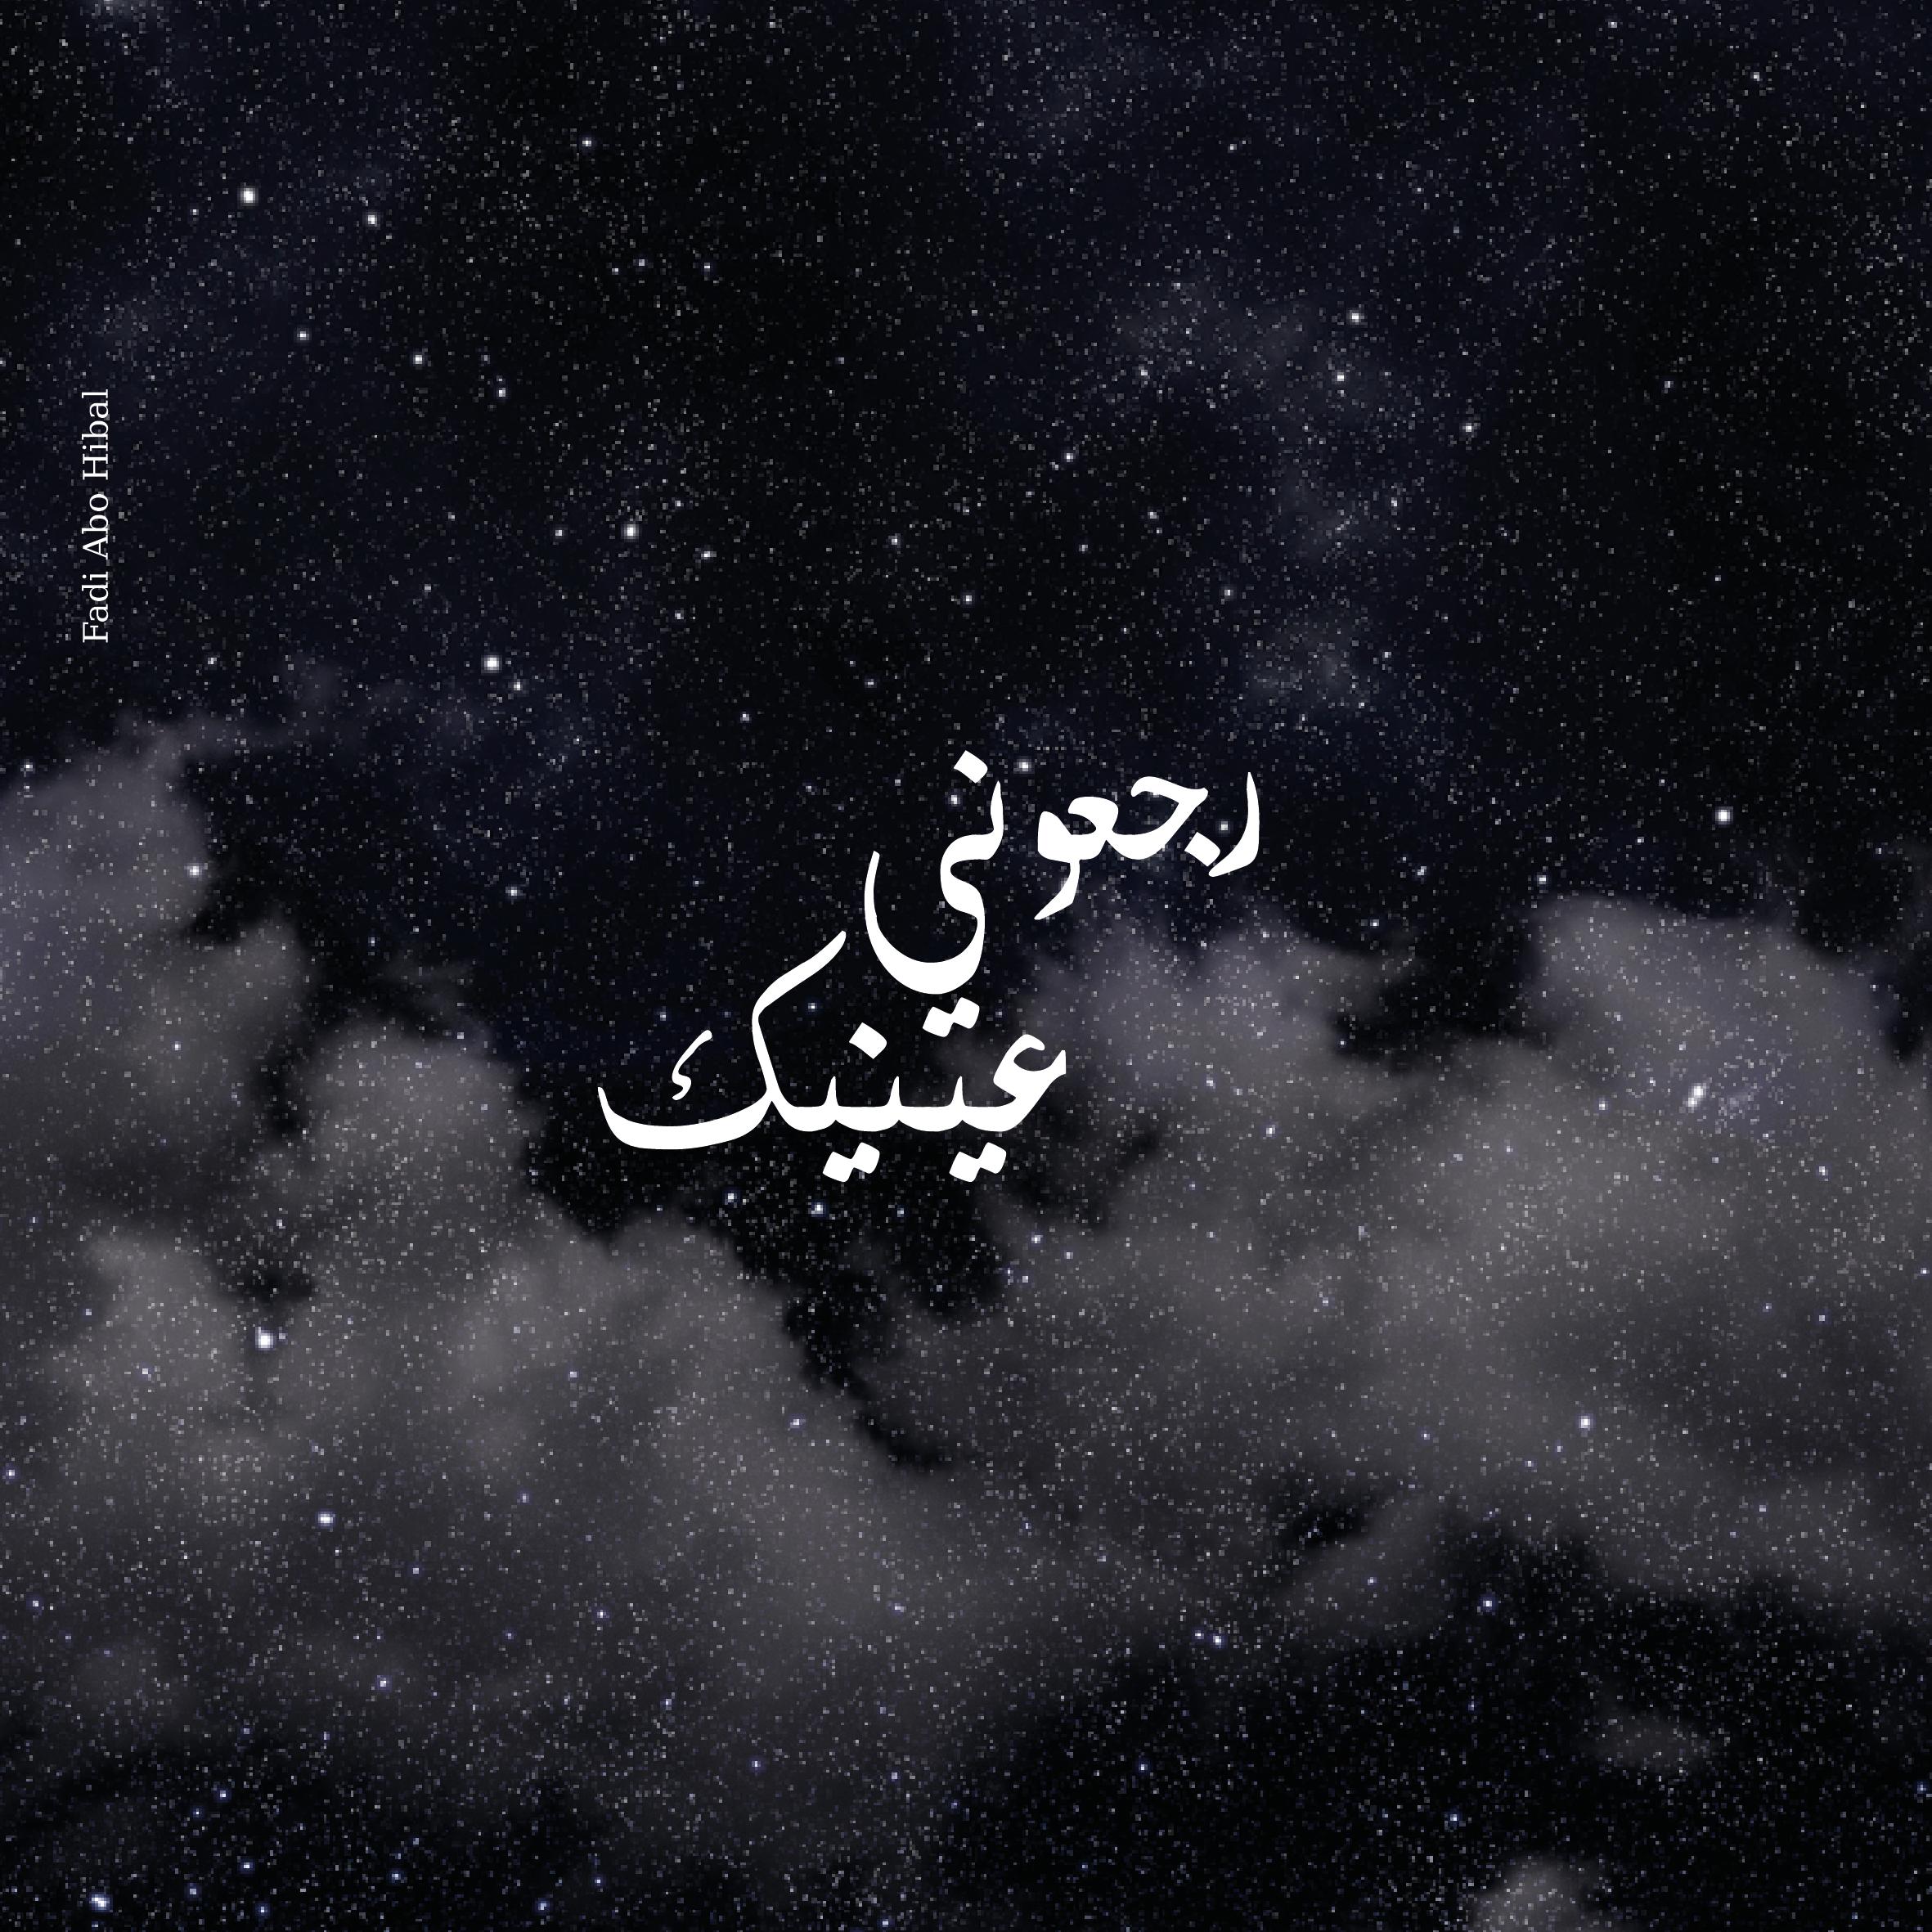 رجعوني عينيك Neon Signs Vehicle Logos Arabic Poetry